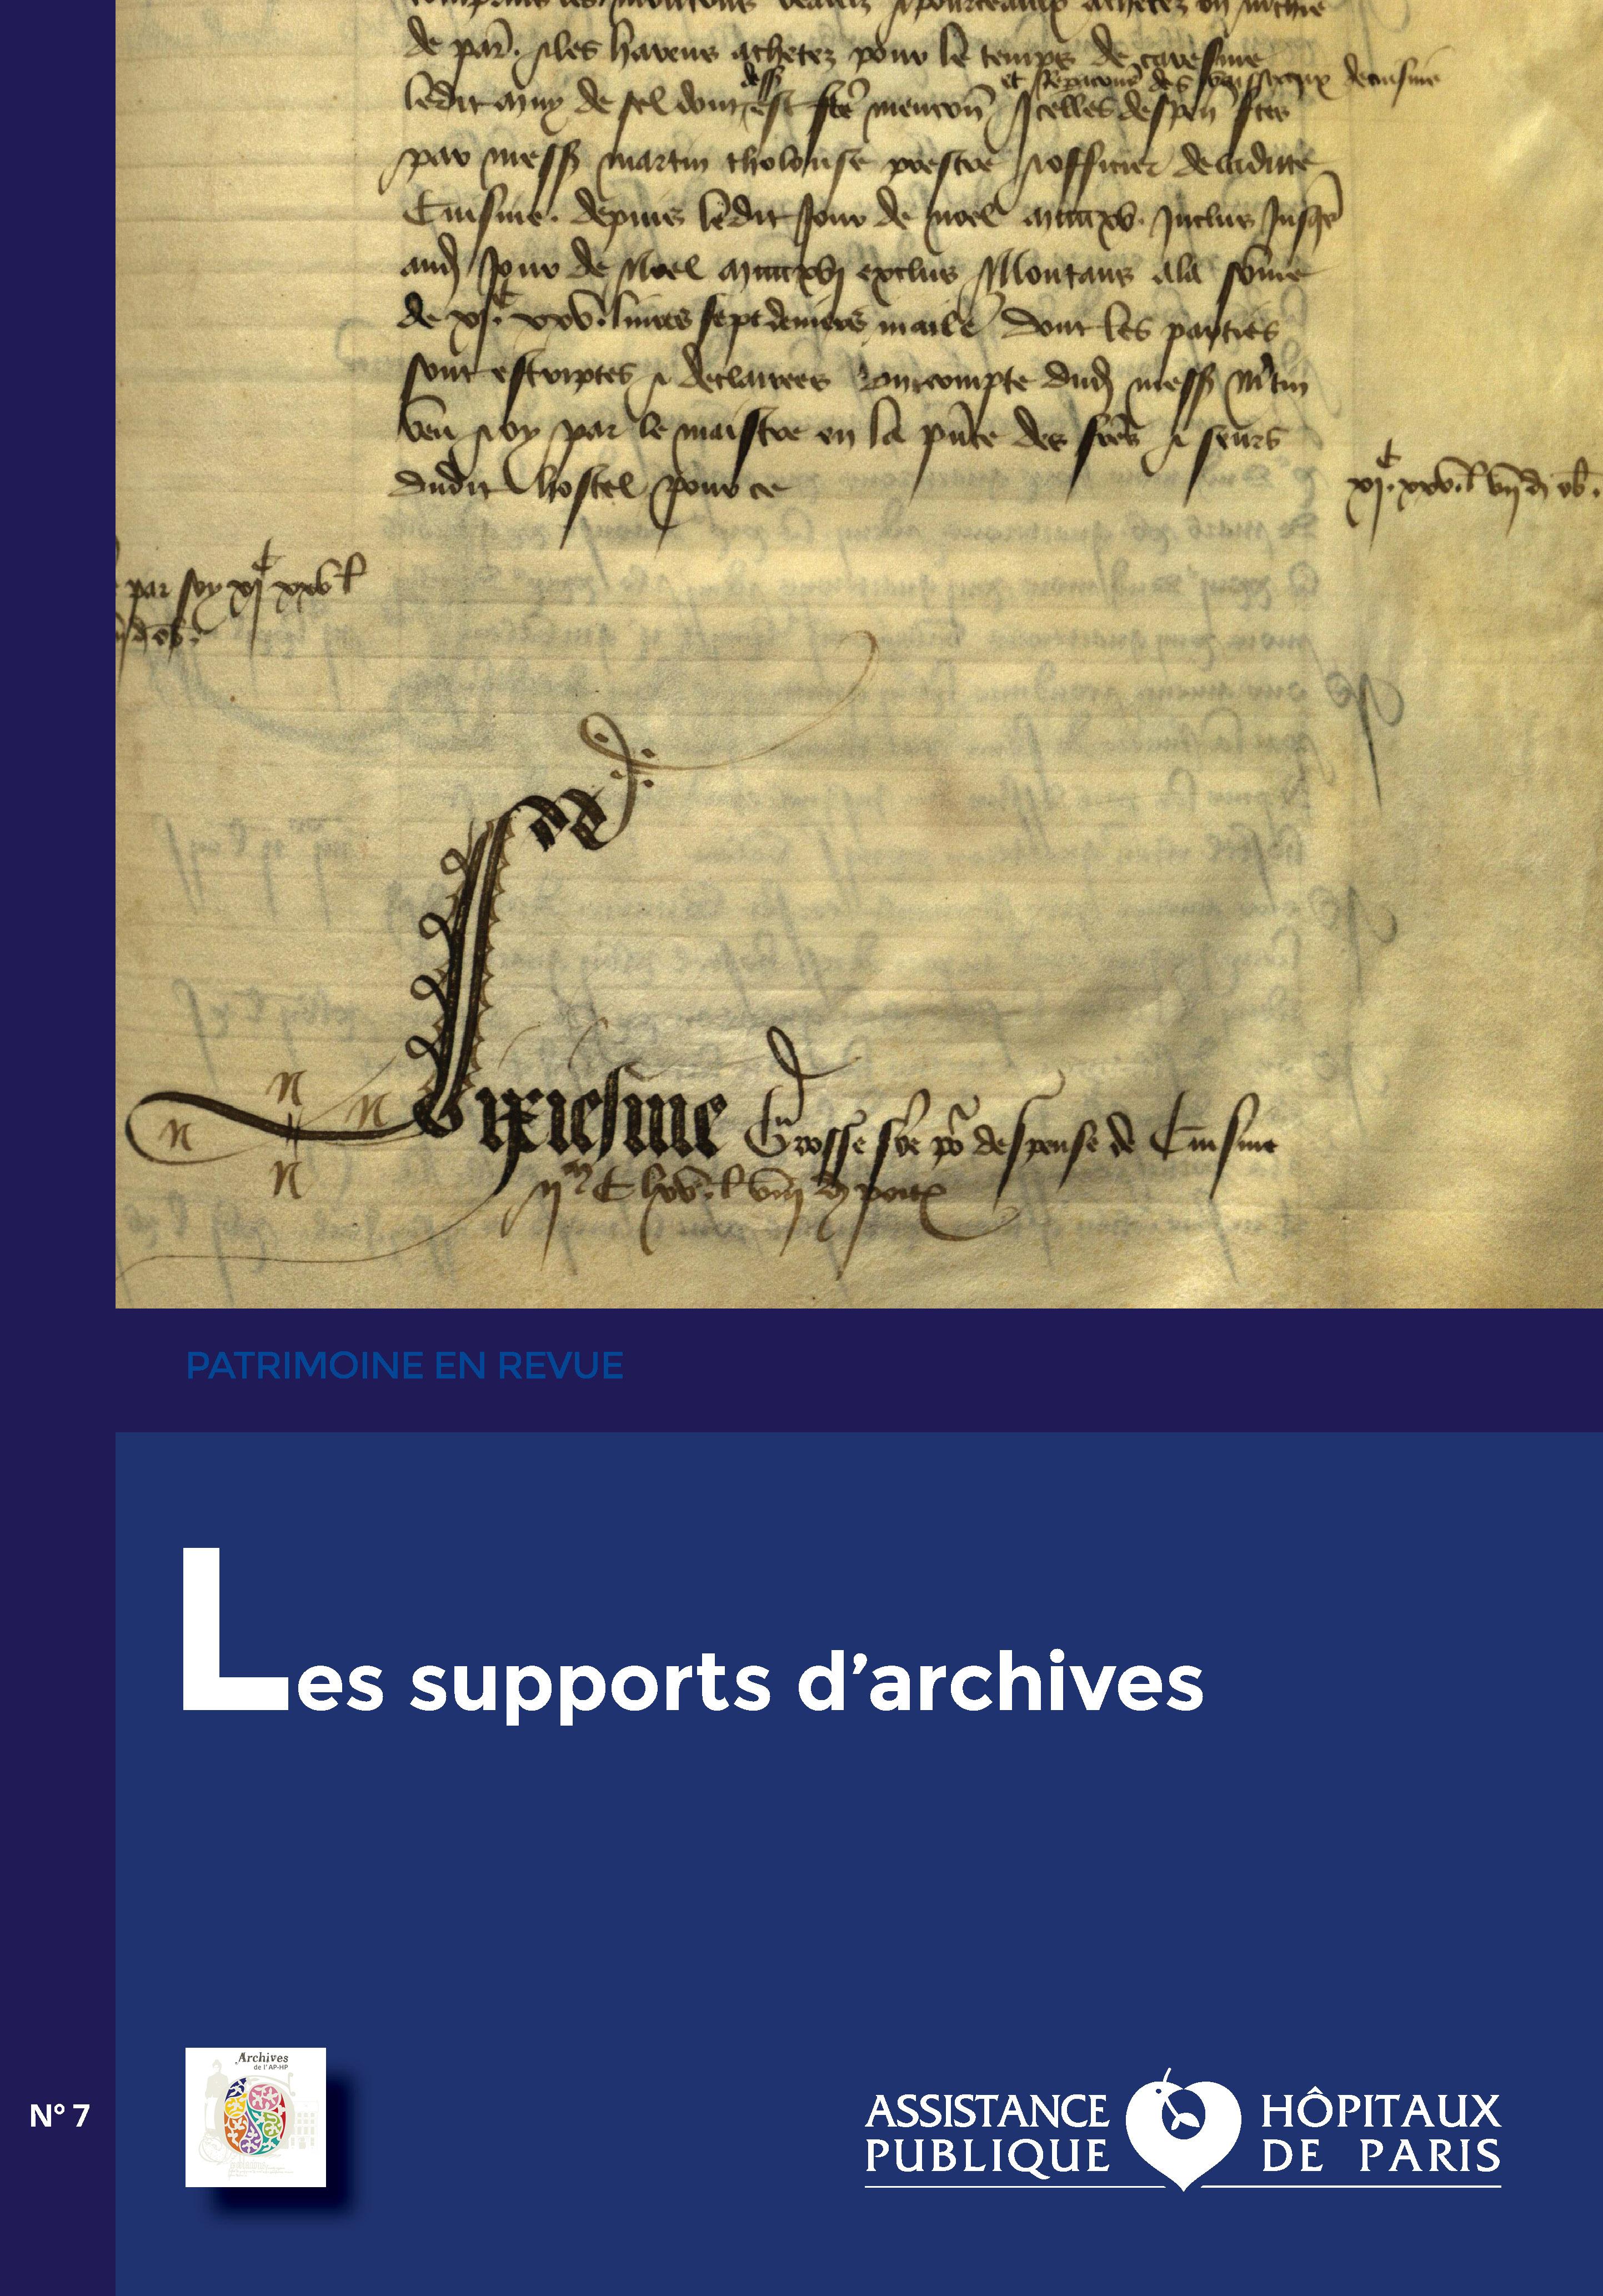 Patrimoine en revue n° 7, les supports d'archives